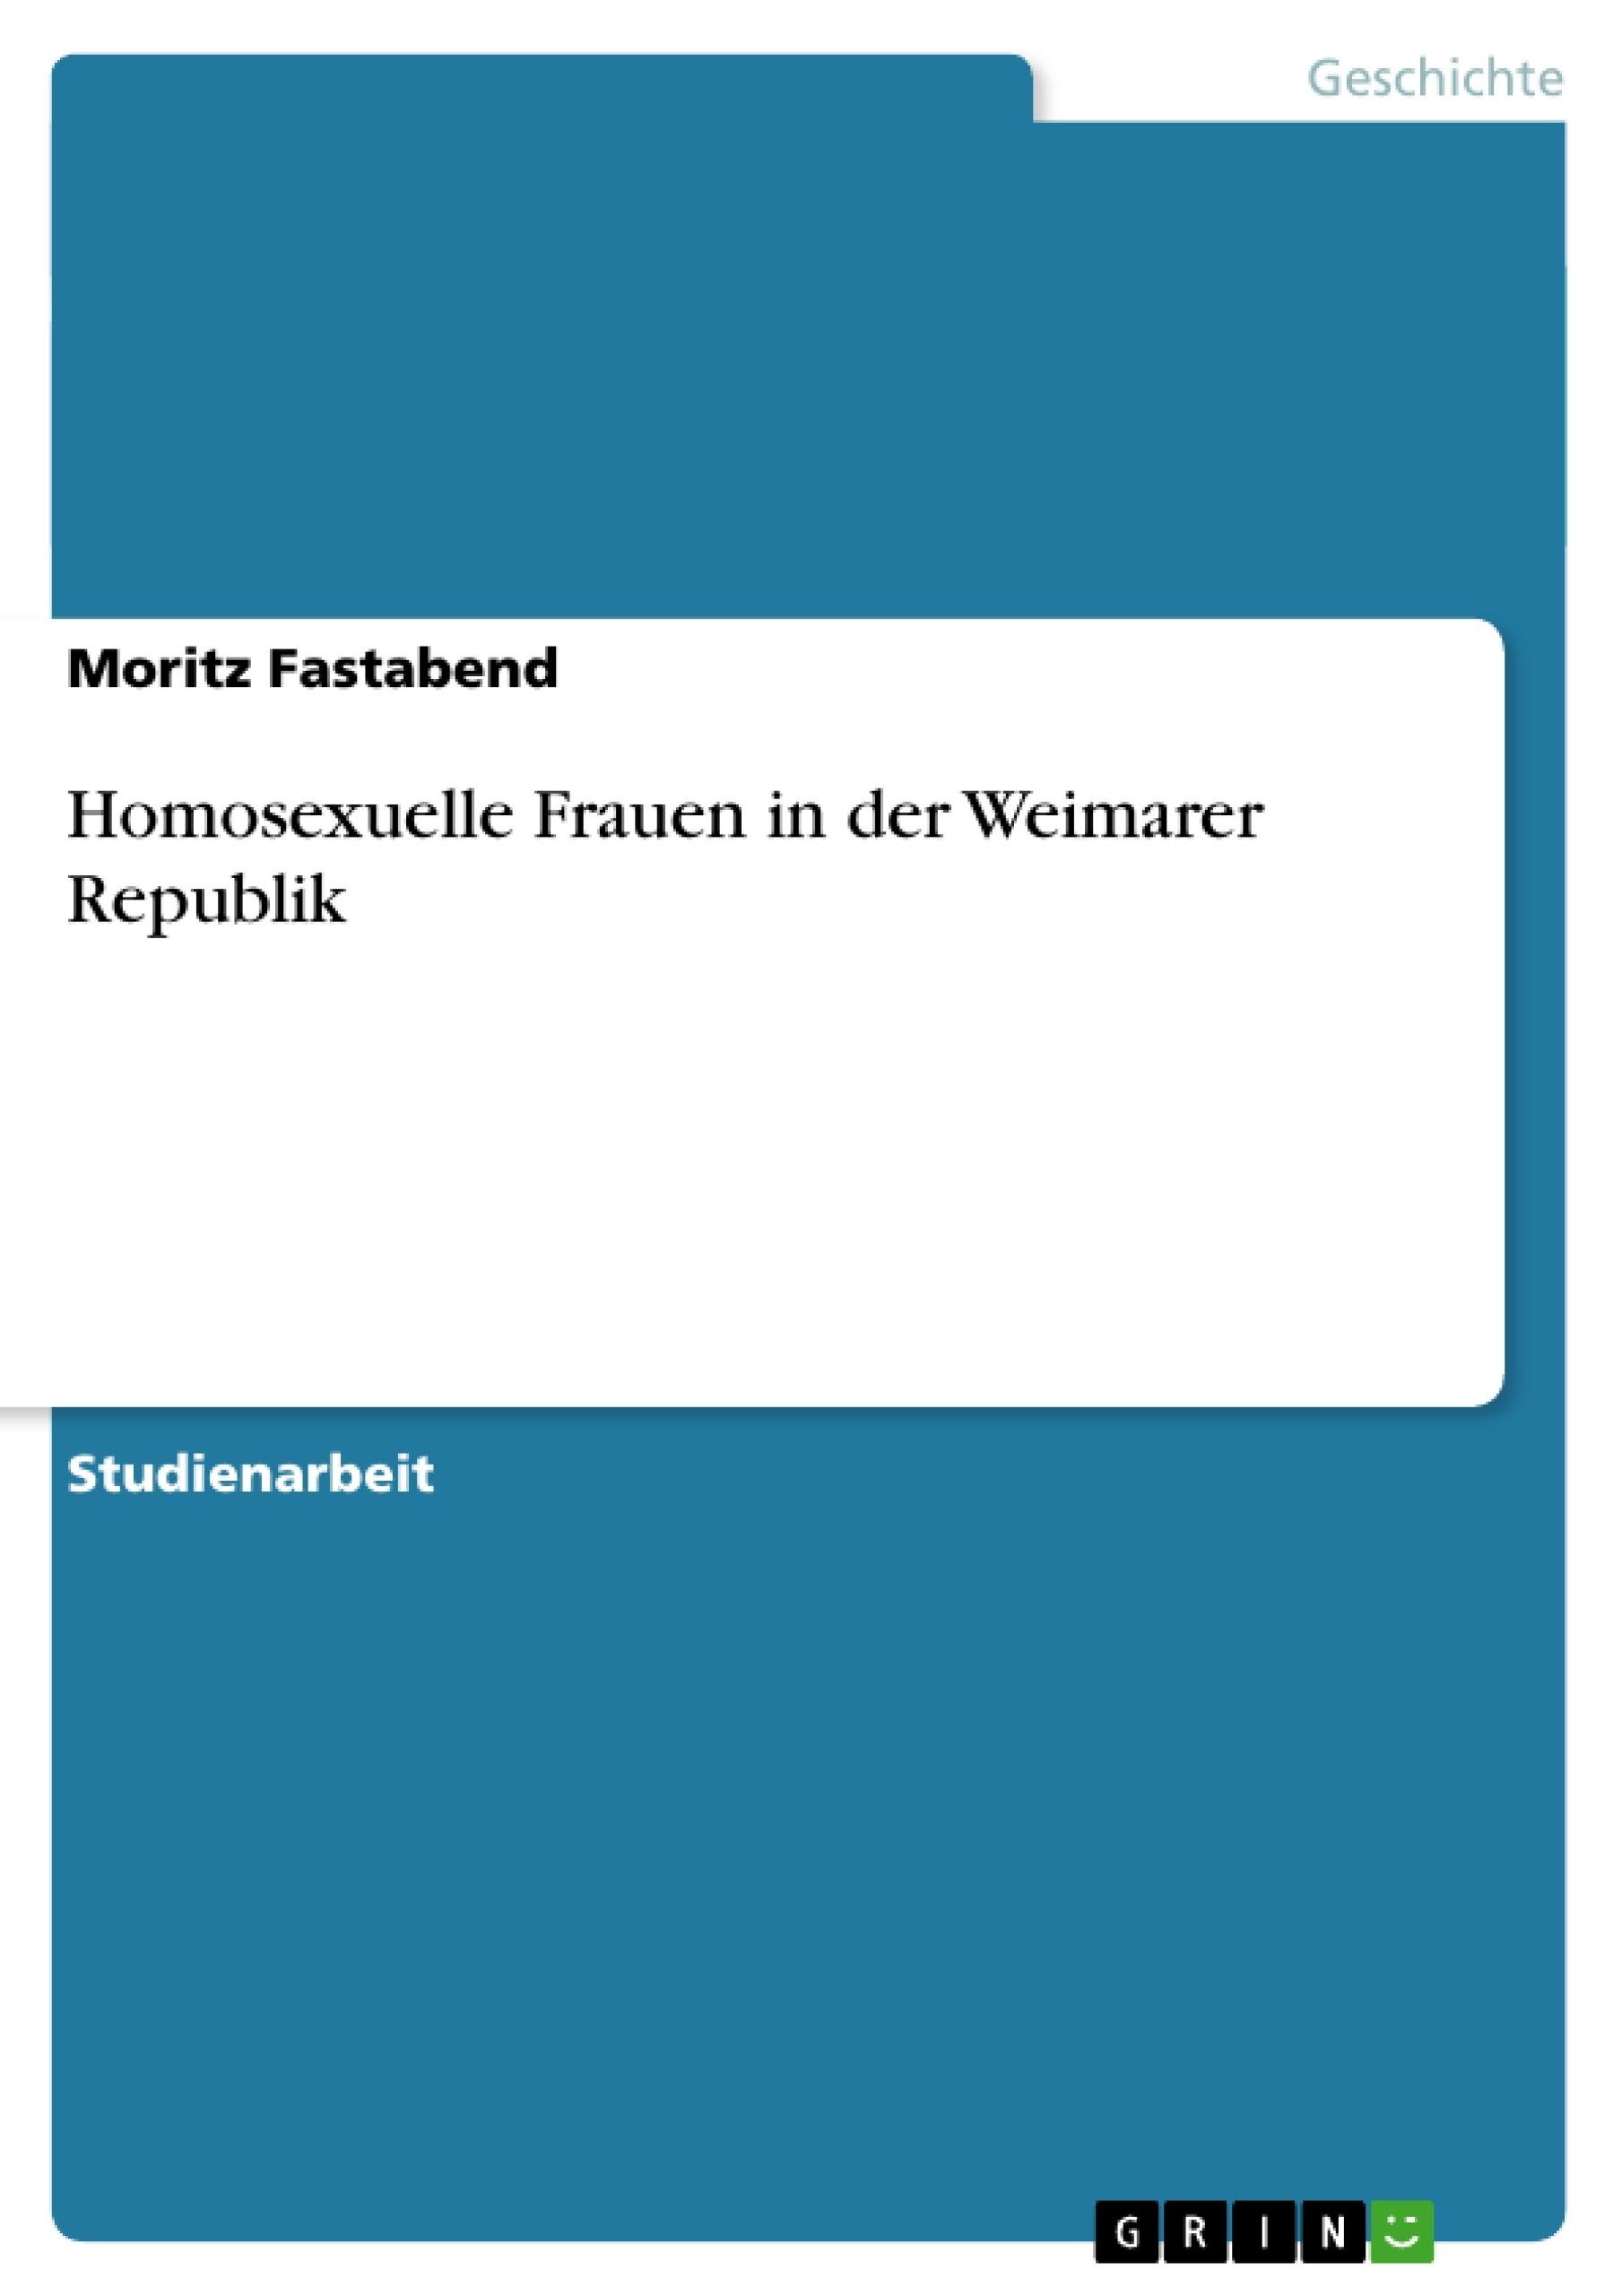 Titel: Homosexuelle Frauen in der Weimarer Republik